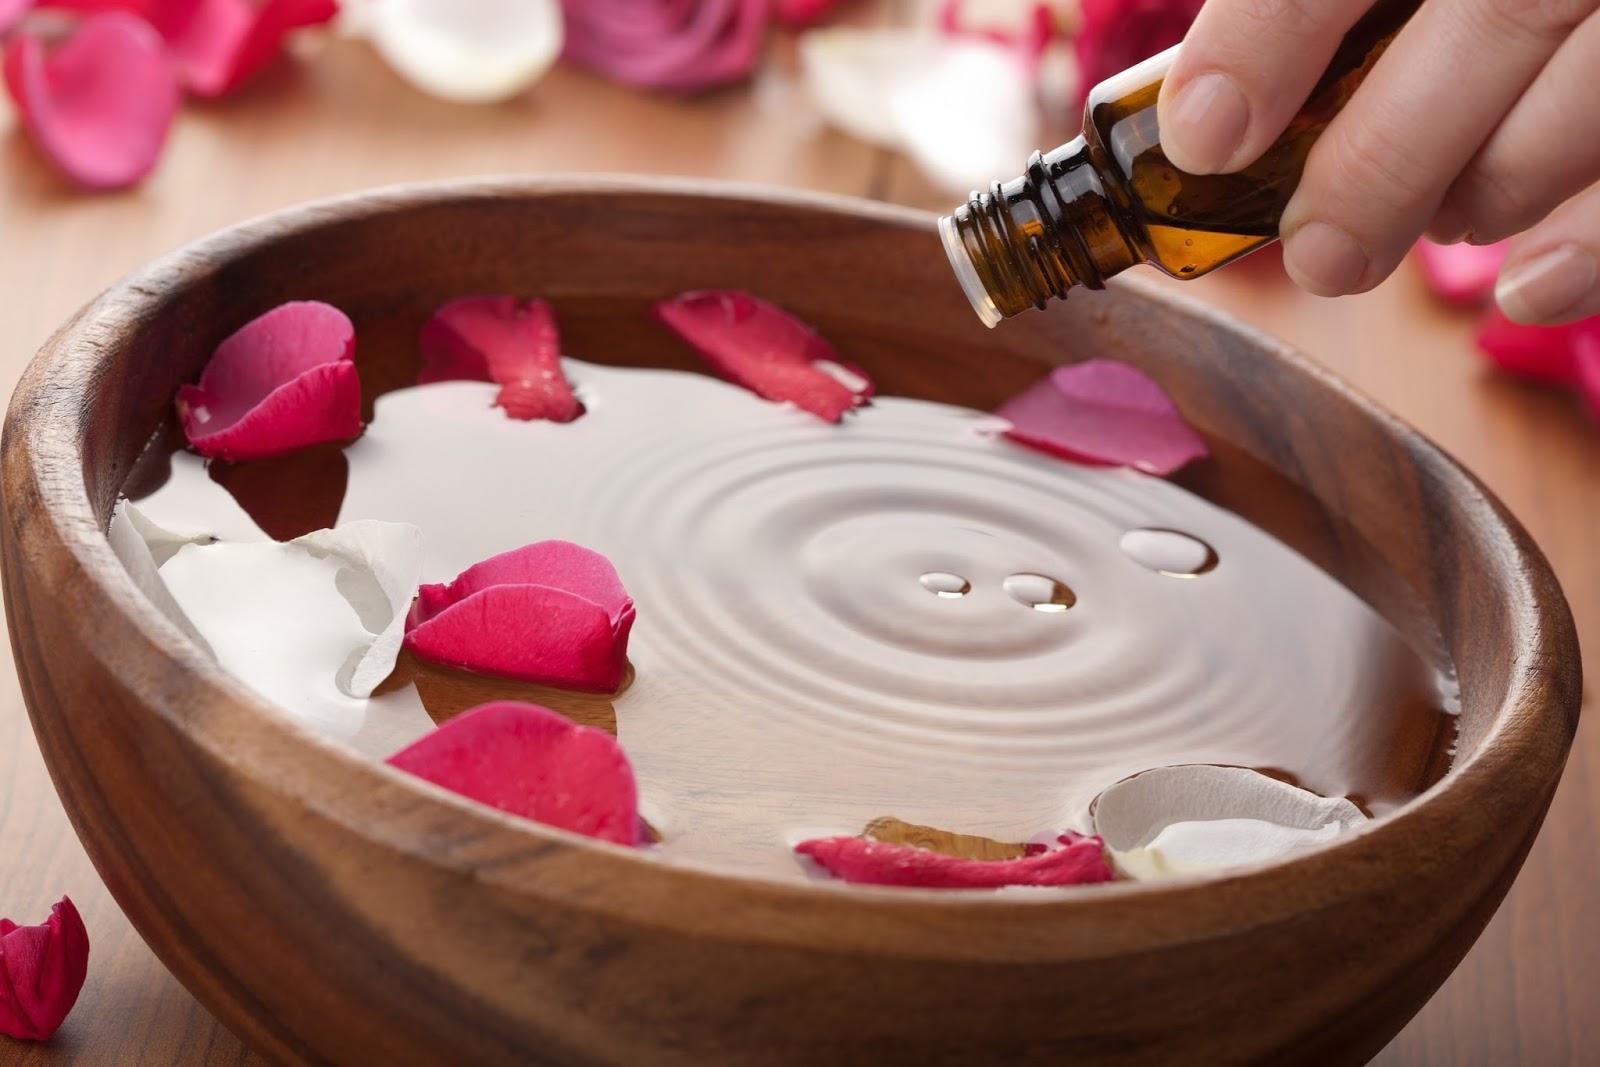 В приготовленную розовую воду можно добавить несколько капель любого эфирного масла